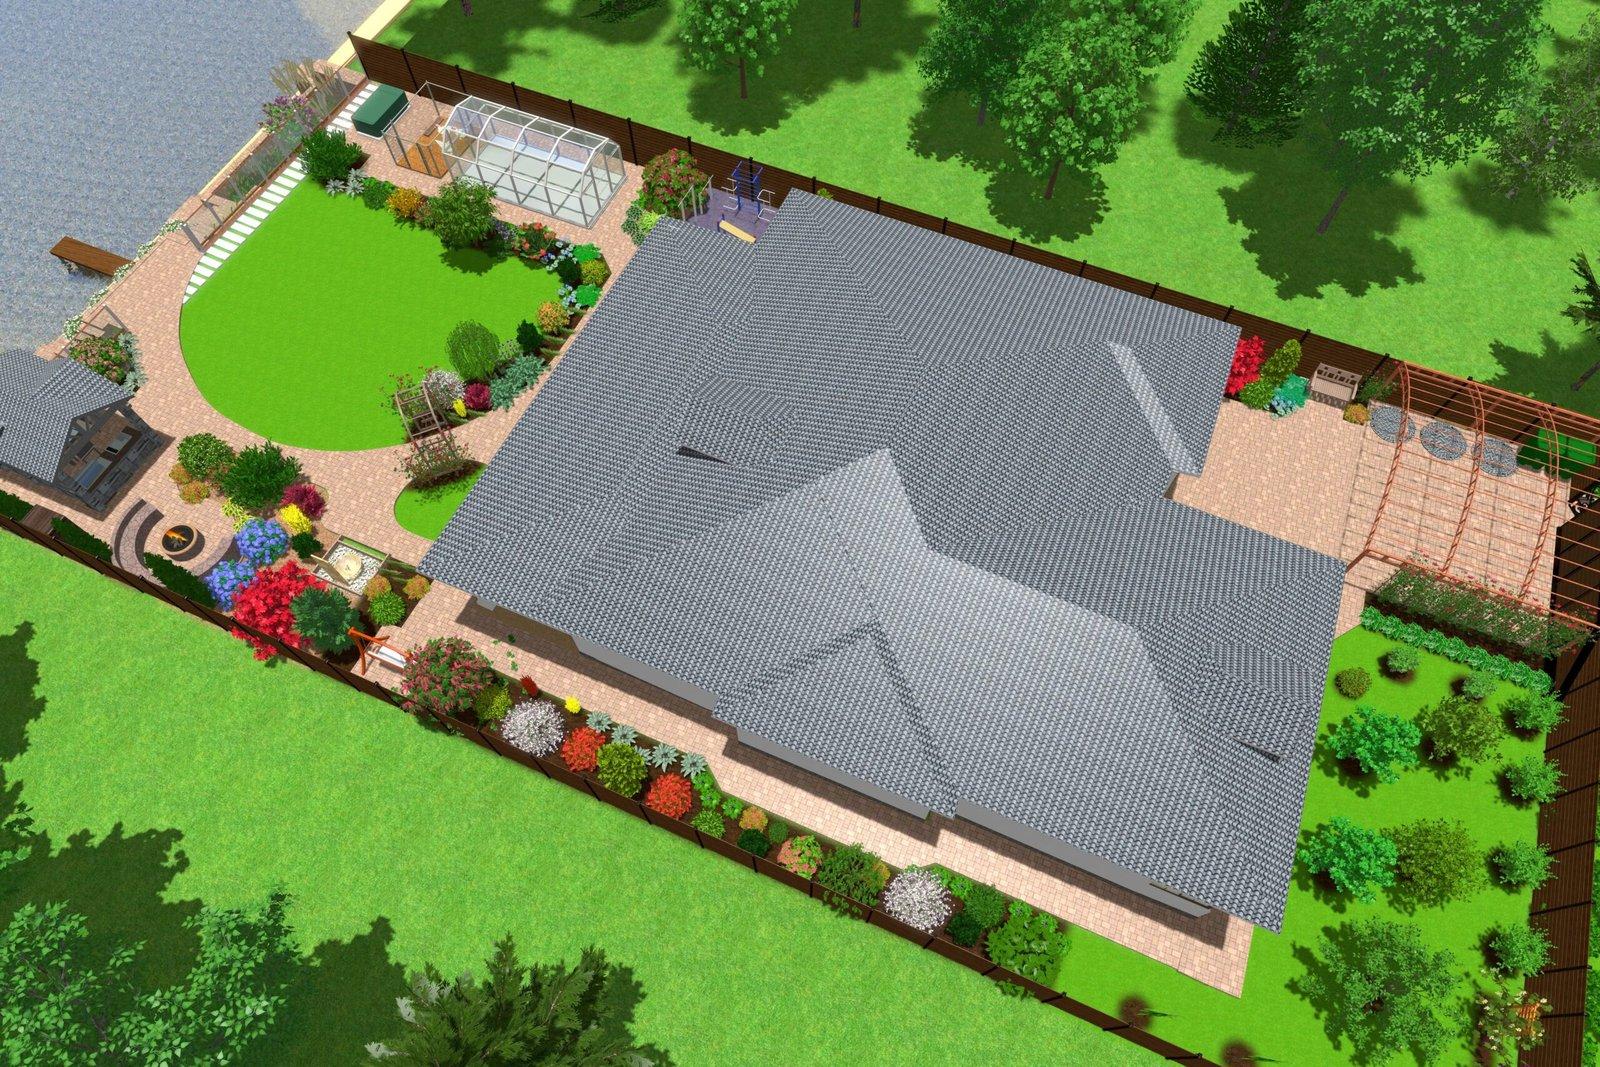 Ландшафтный дизайн готовые проекты схемы, подробный план ландшафта, услуги ландшафтных дизайнеров,